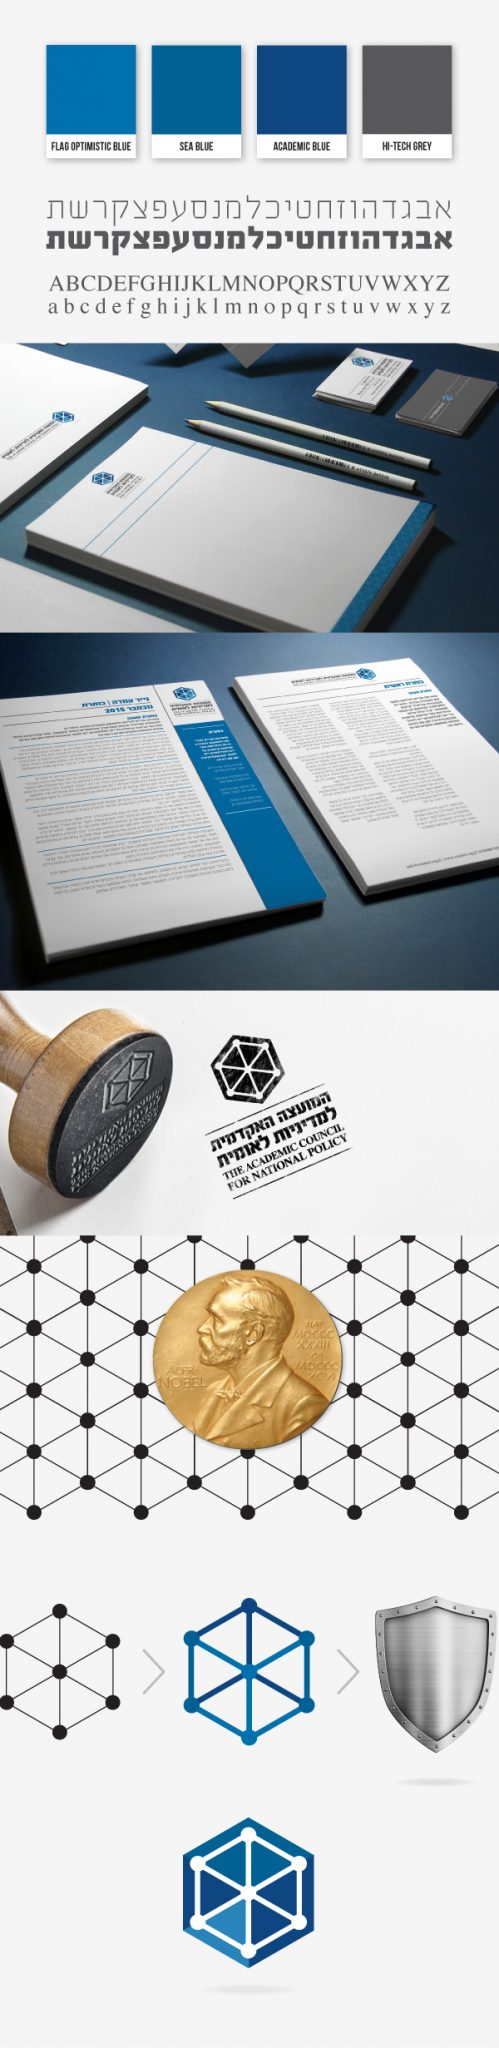 מיתוג, ניירת, חותמת, פוליטיקה, אקדמיה, לוגו המועצה האקדמית למדיניות לאומית, כרטיסי ביקור